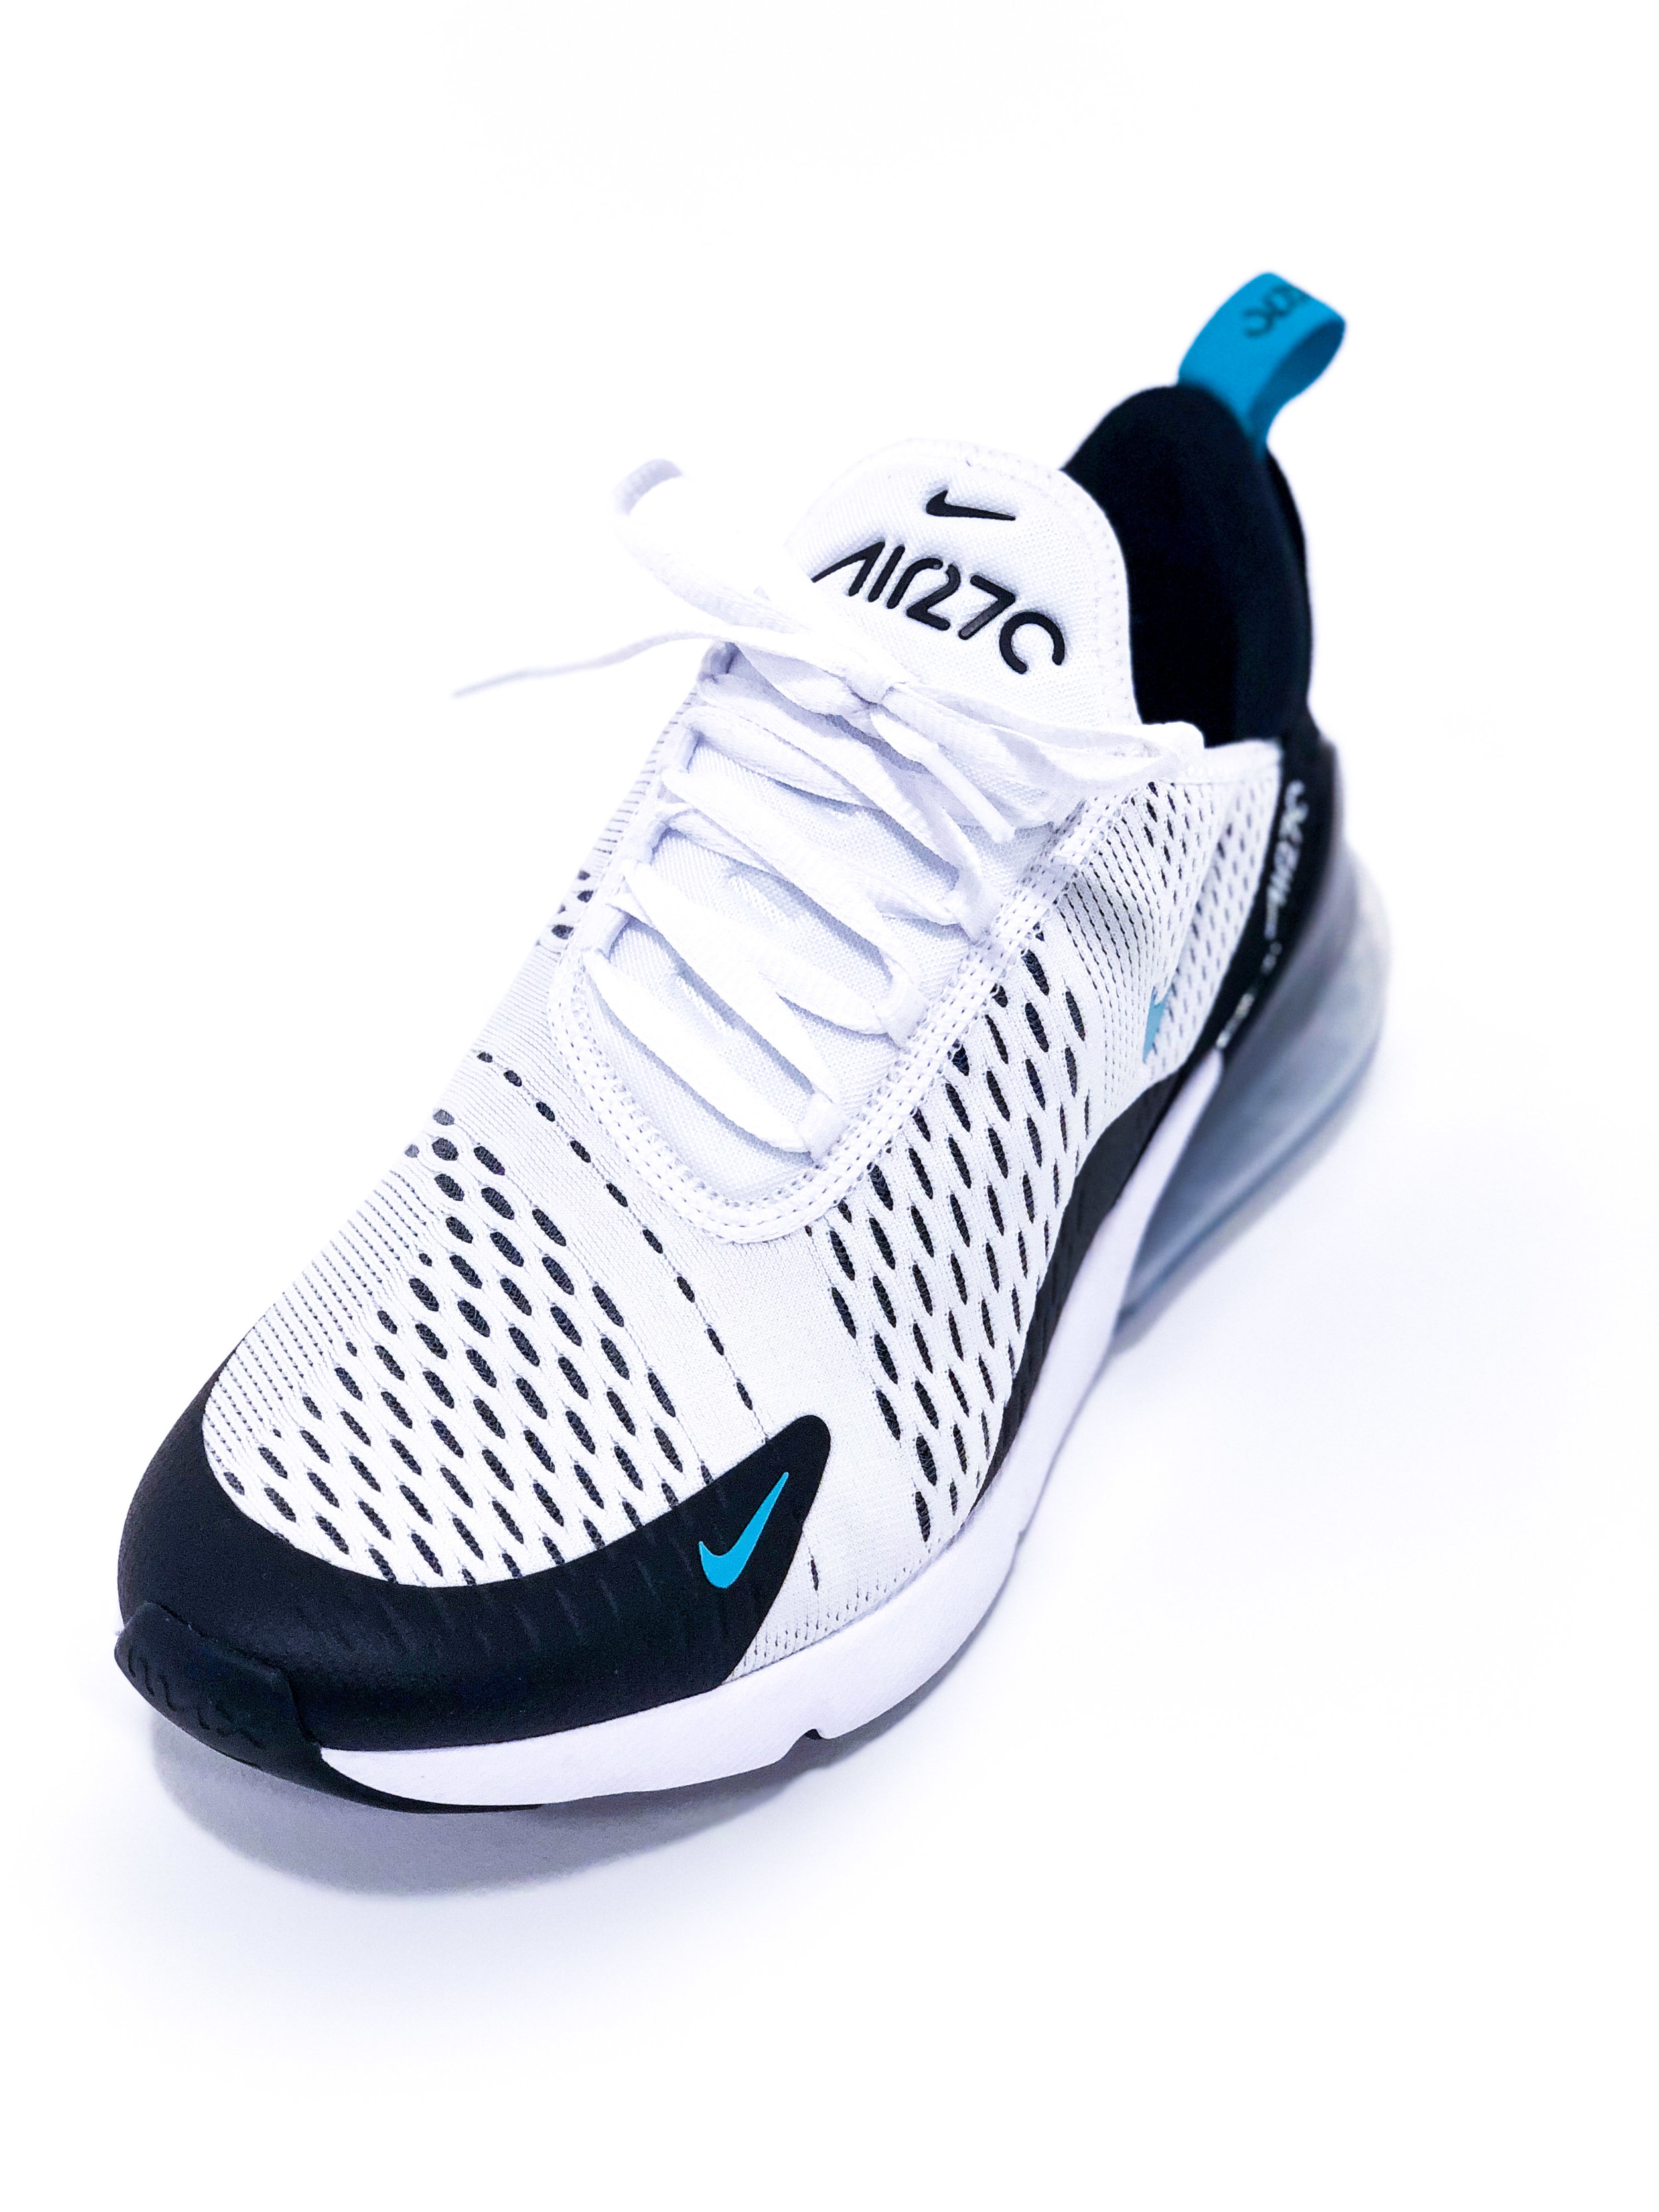 6db000183a Nike 2018 Air Max Day Esquire Article — Michael Saintil